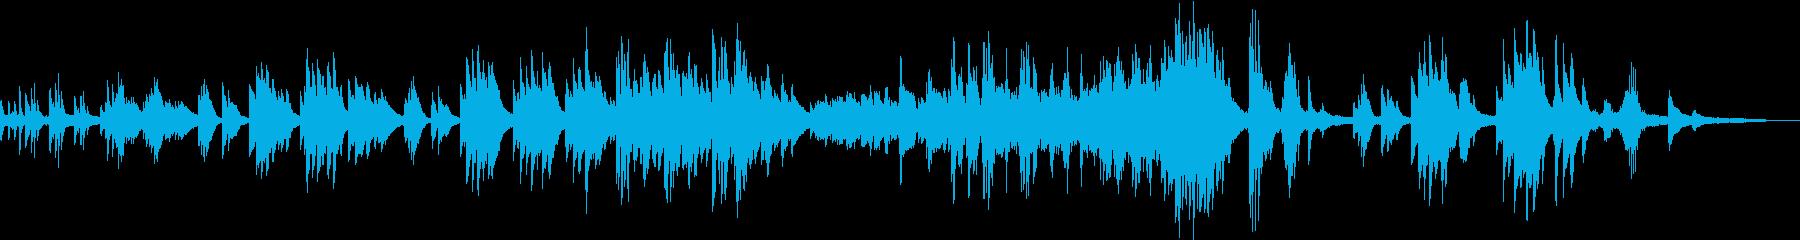 童謡「赤い靴」ピアノアレンジ の再生済みの波形